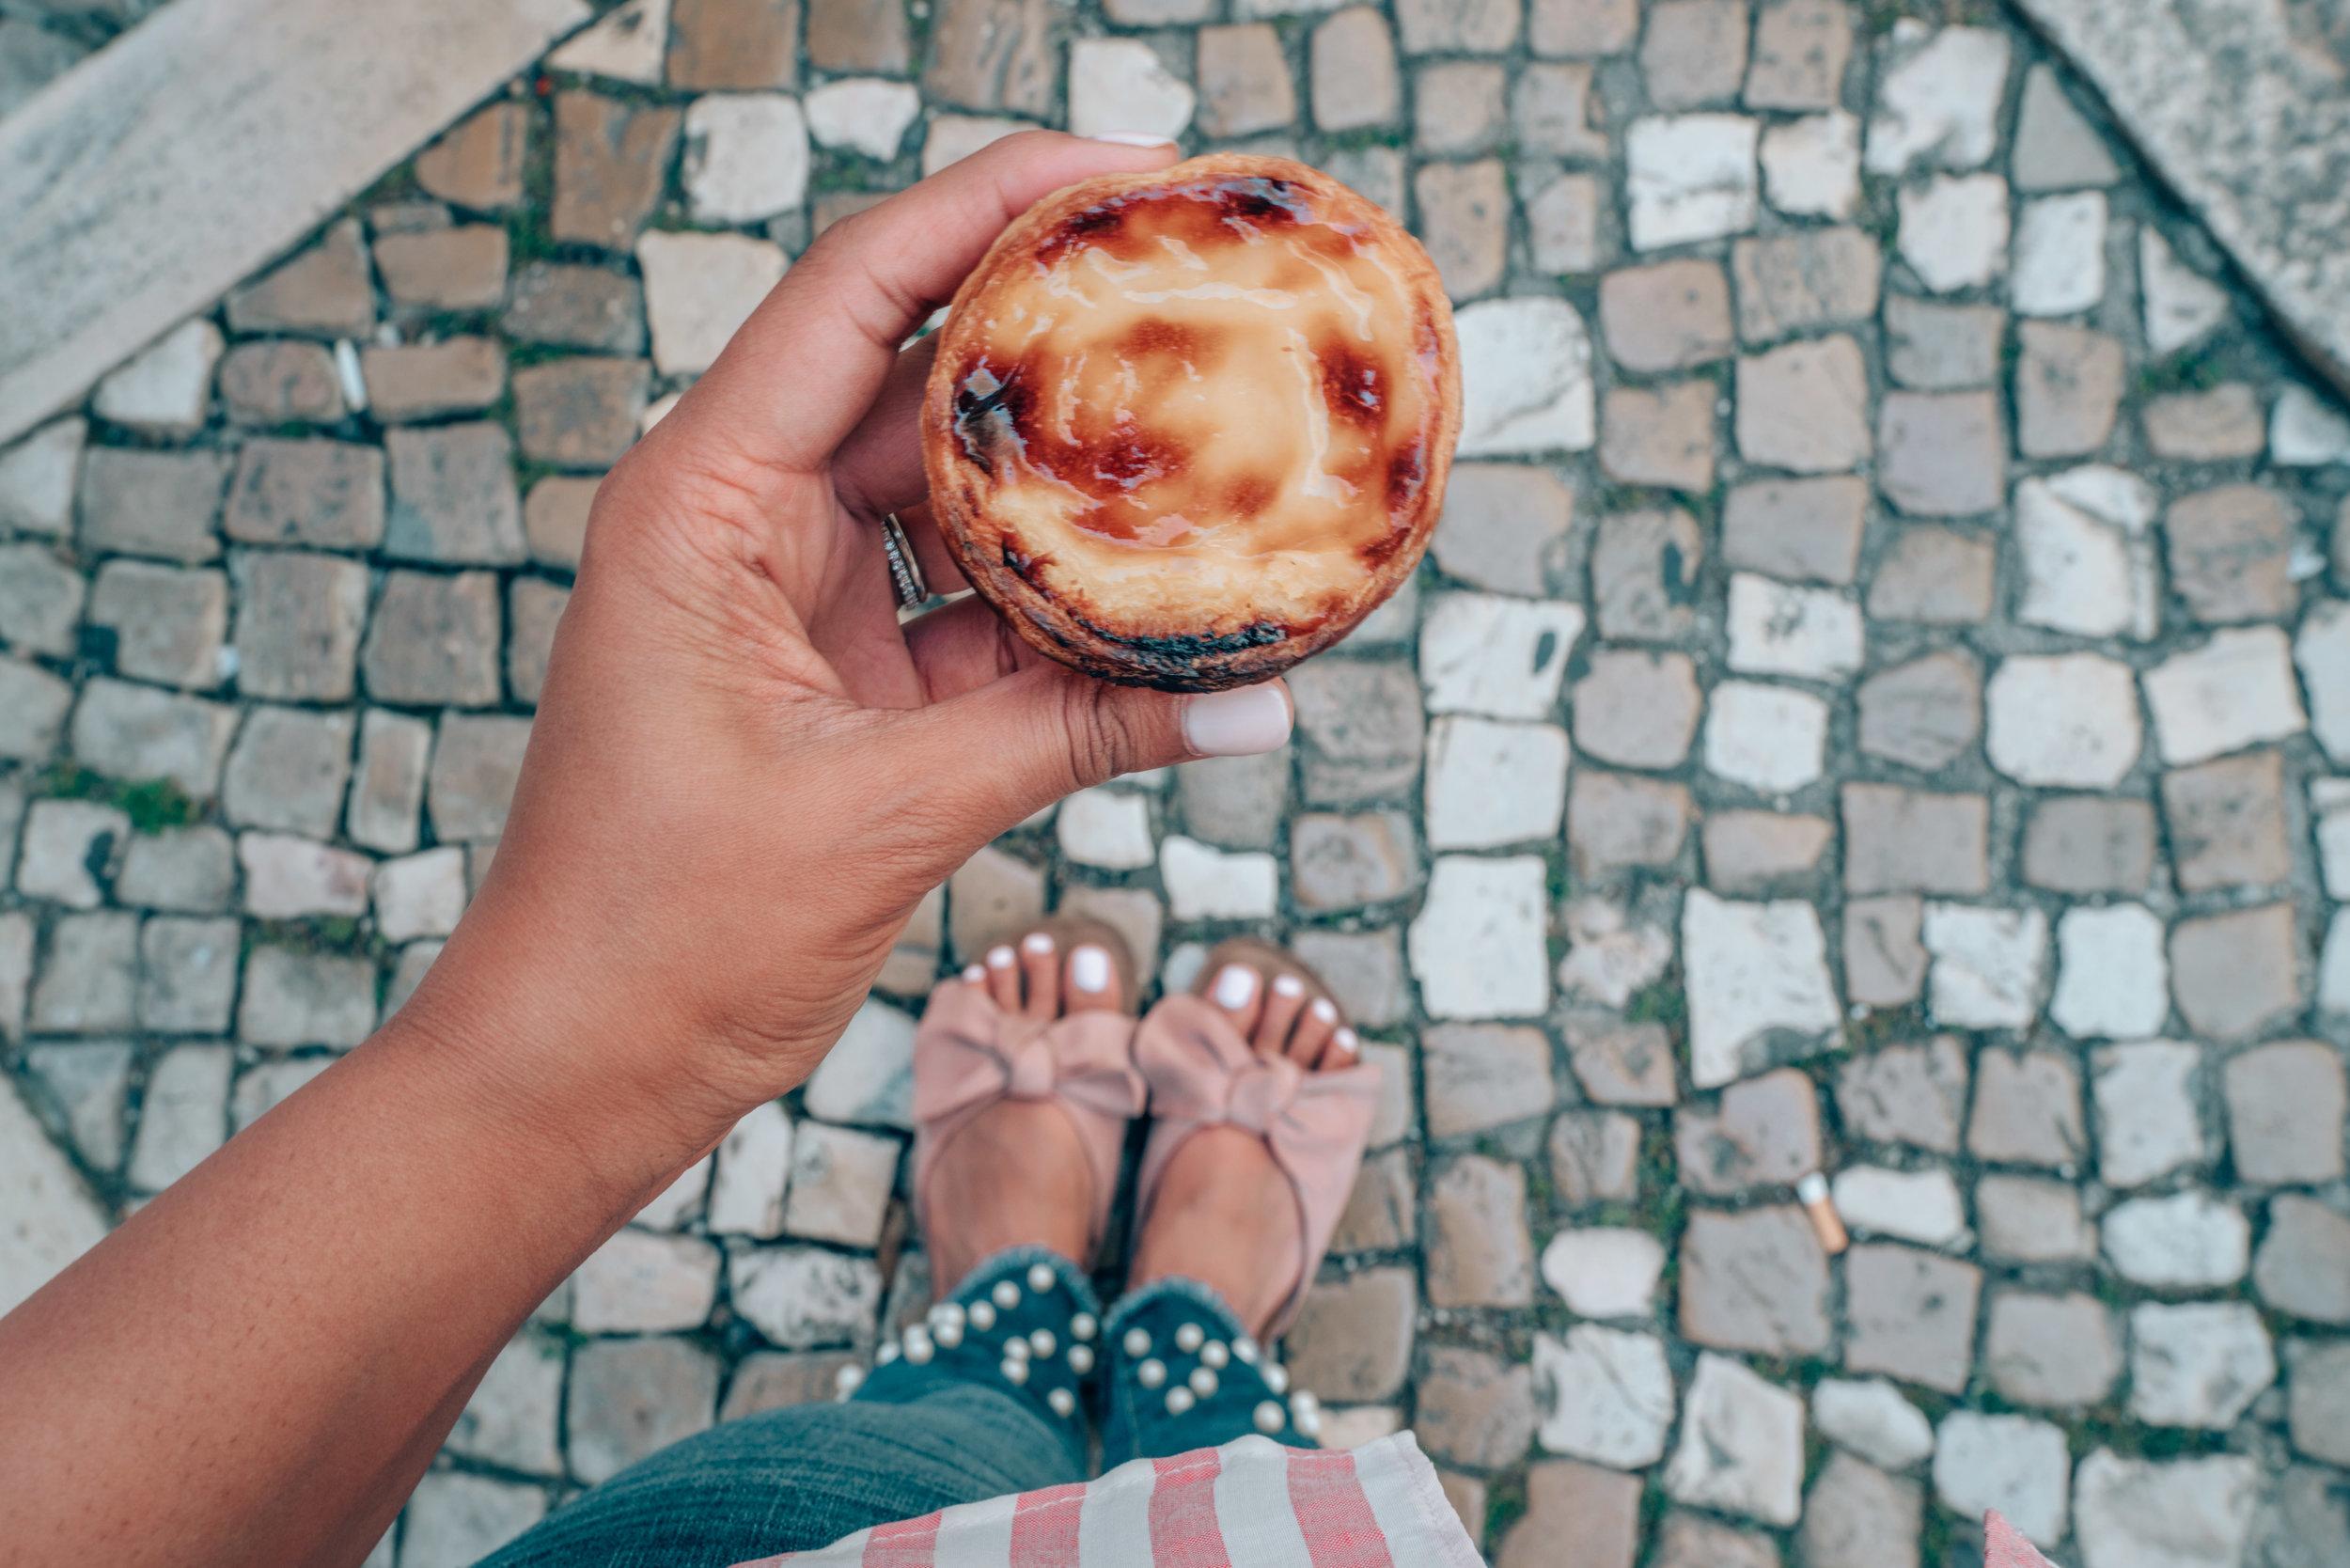 Pasteis de Nata Egg Tarts Manteigaria Lisbon Portugal